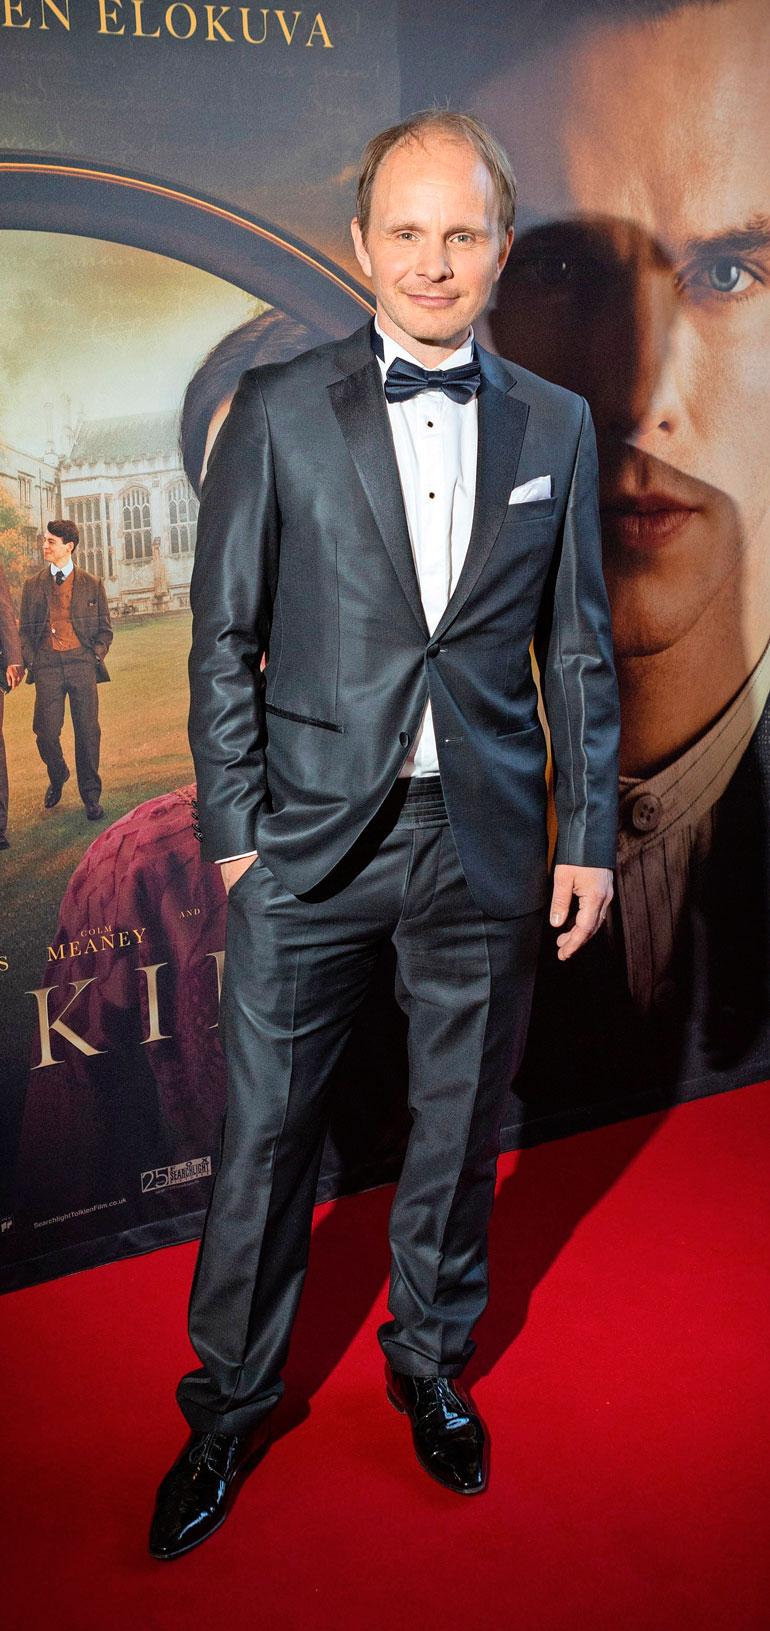 Dome Karukoski ohjasi Tolkien-elokuvan.